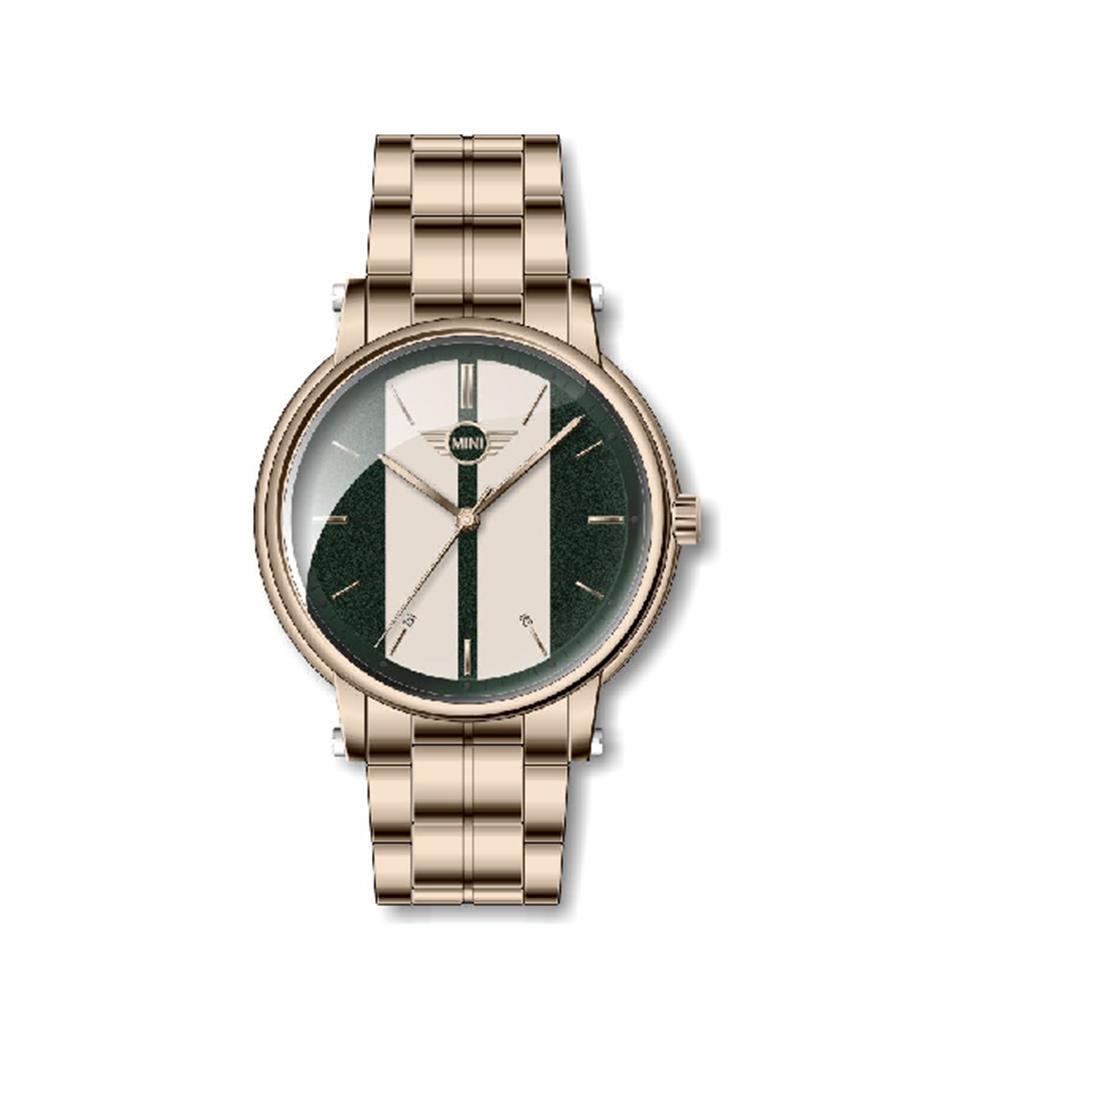 Orologio donna con cassa di 38 mm - MINI